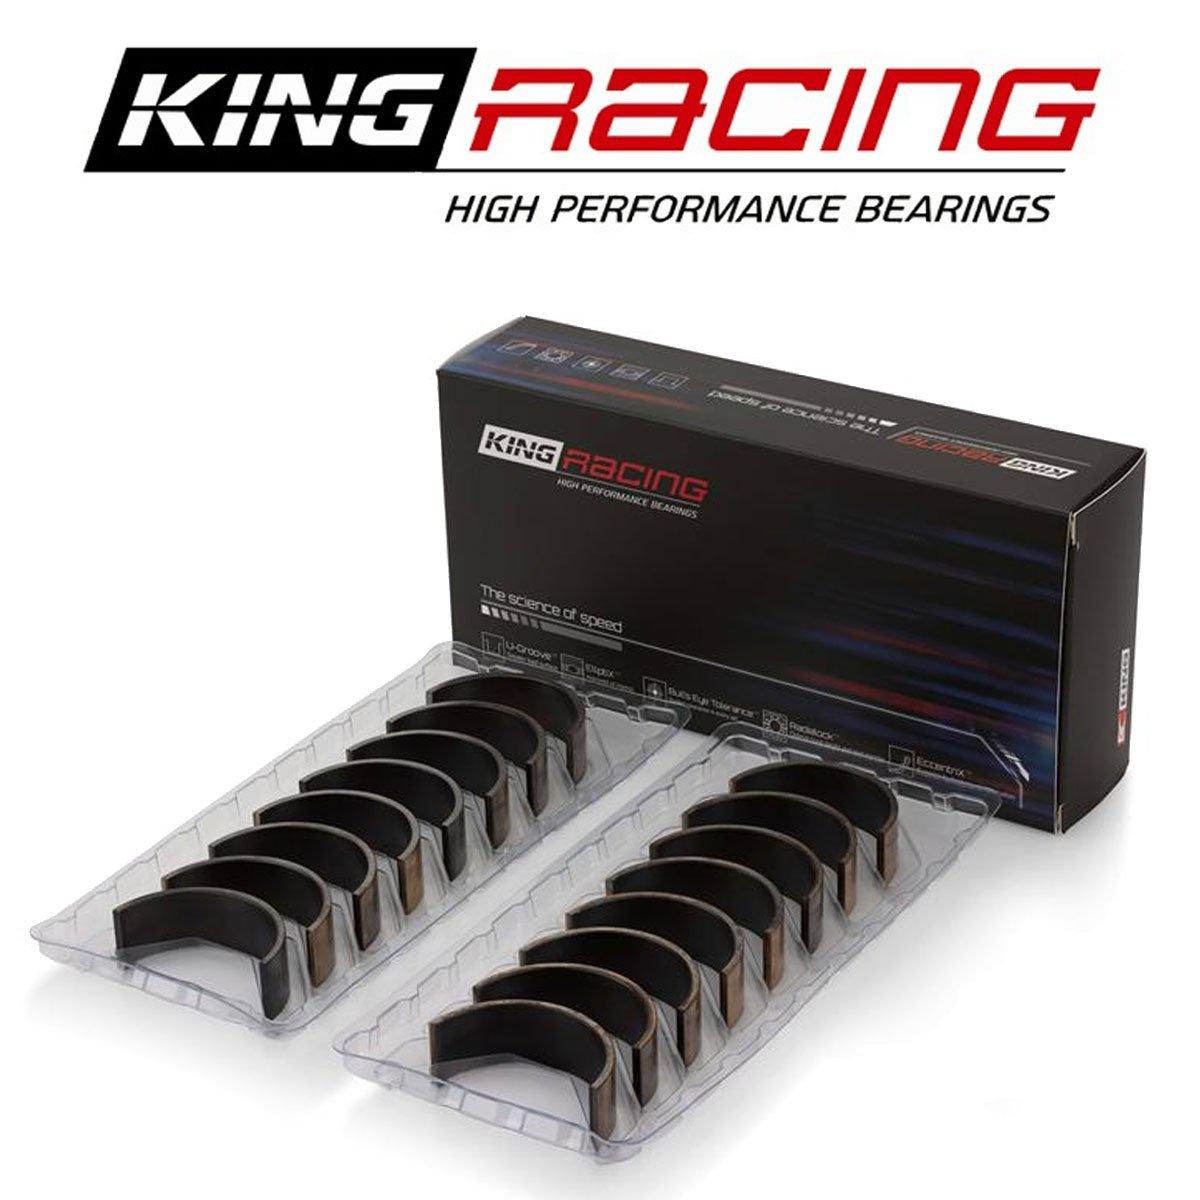 King Engine Bearings MB5116HP001 Main Bearing Set by King Engine Bearings